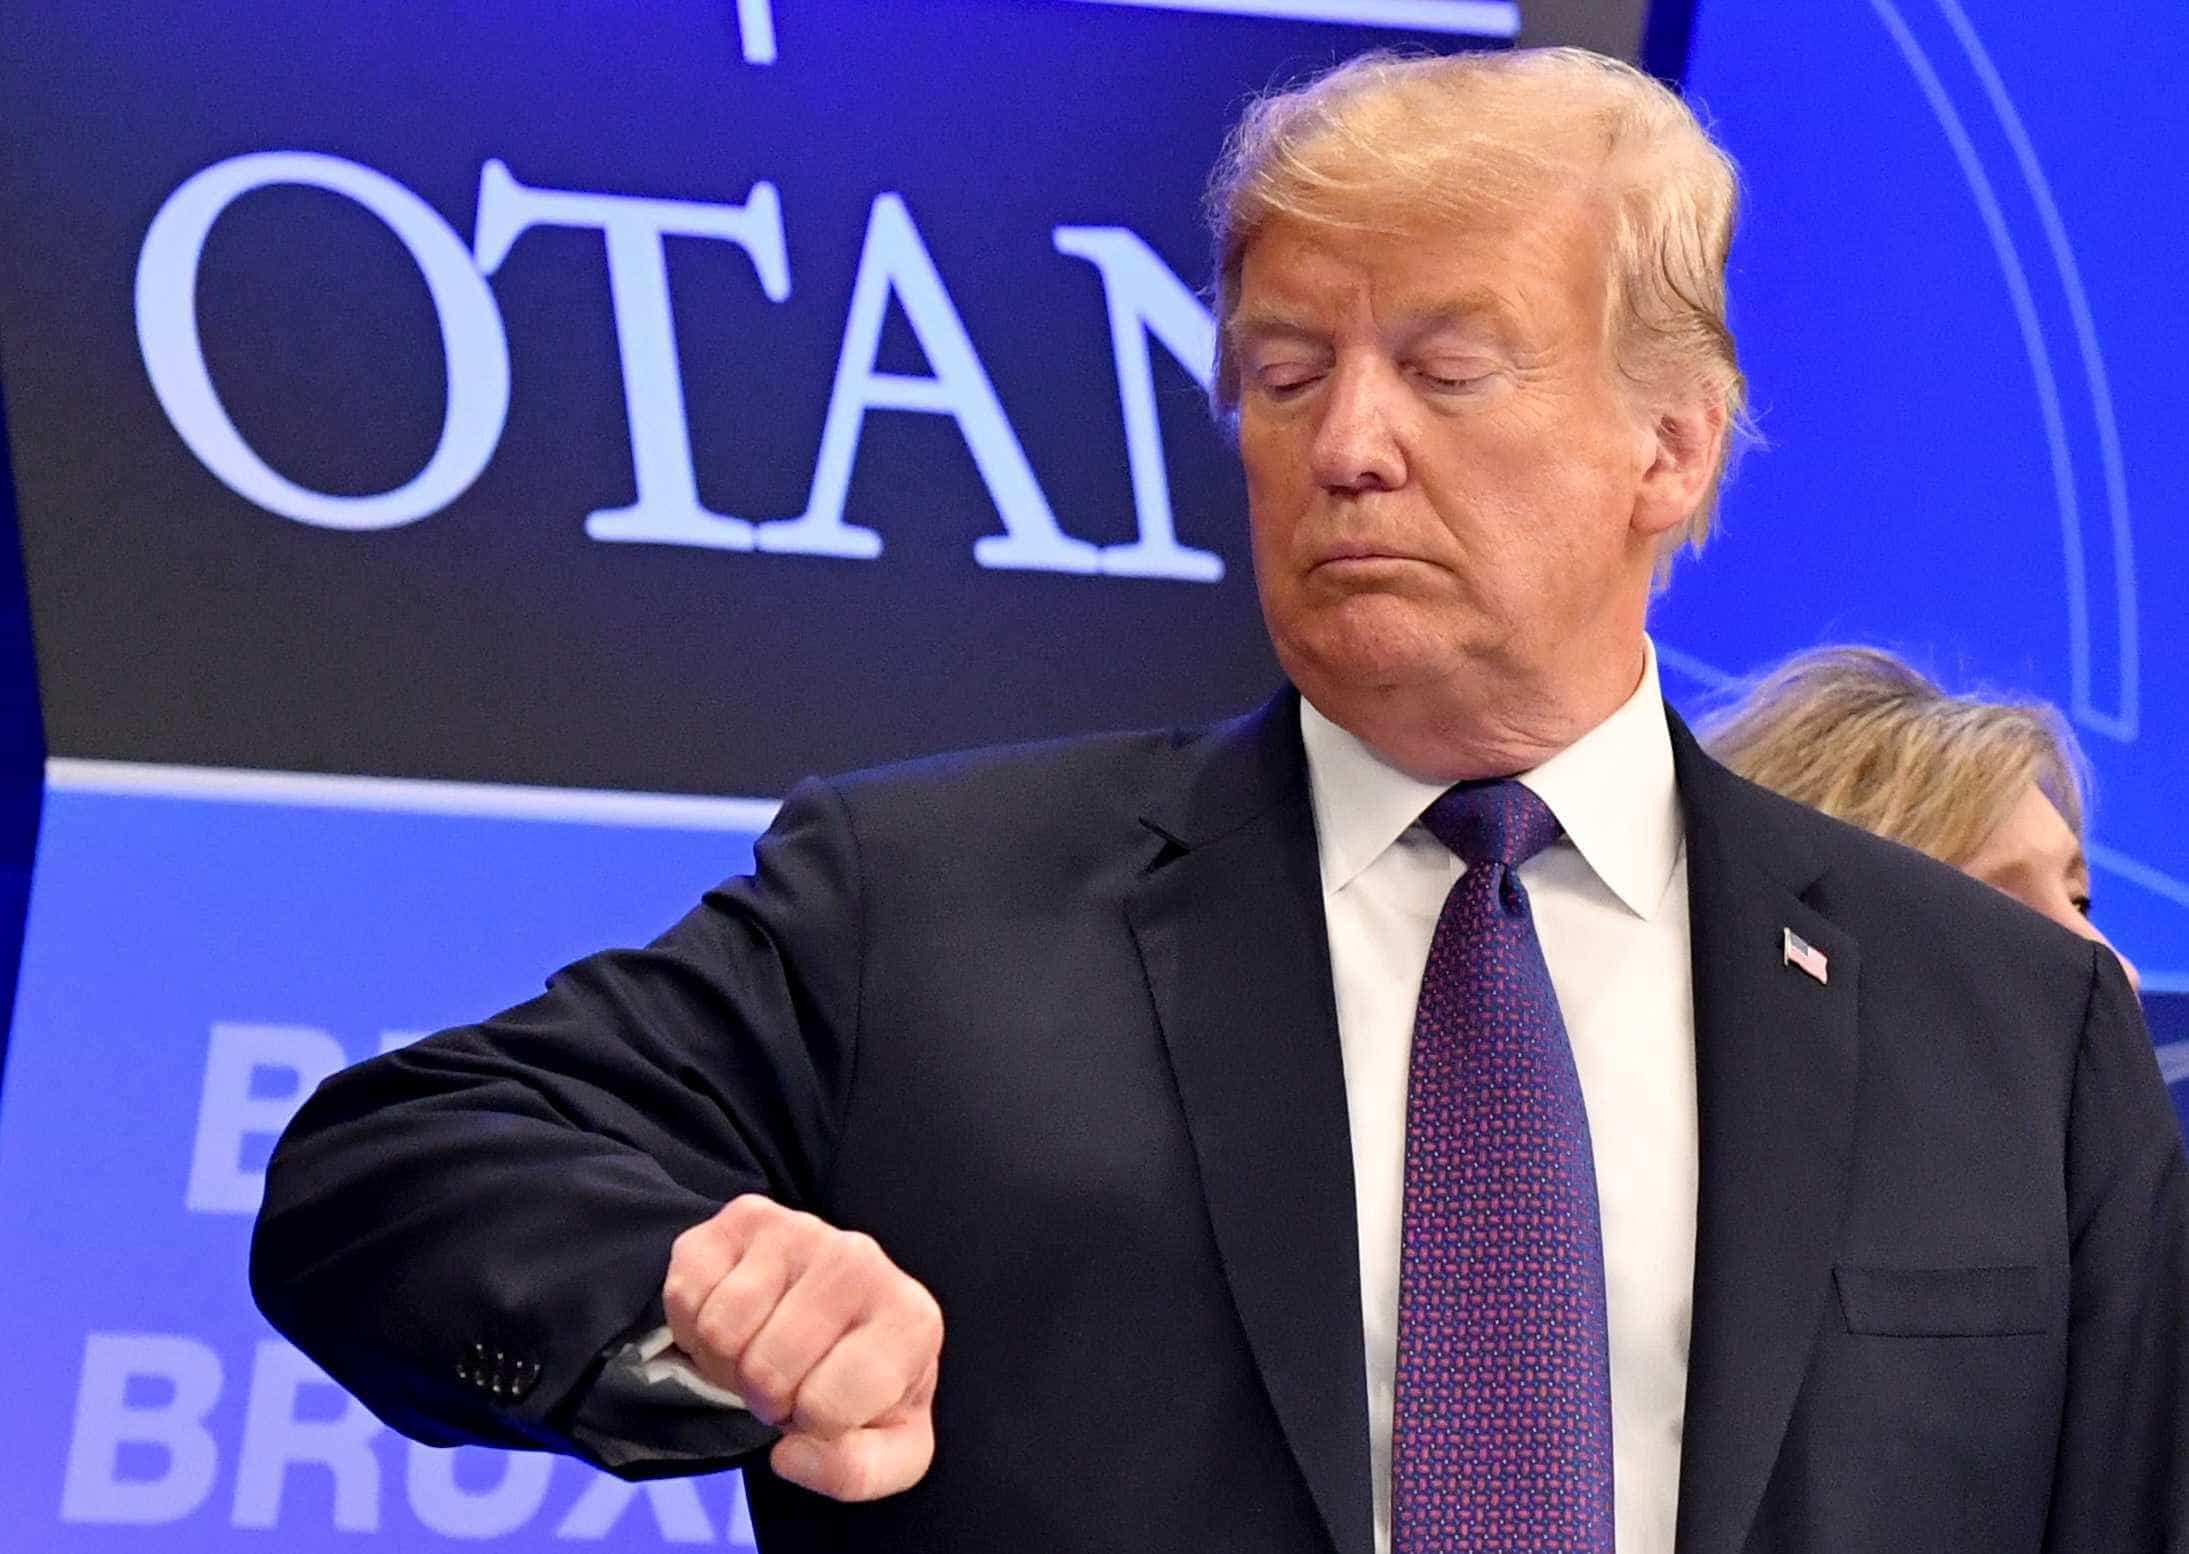 Trump pede que Otan dobre meta para defesa